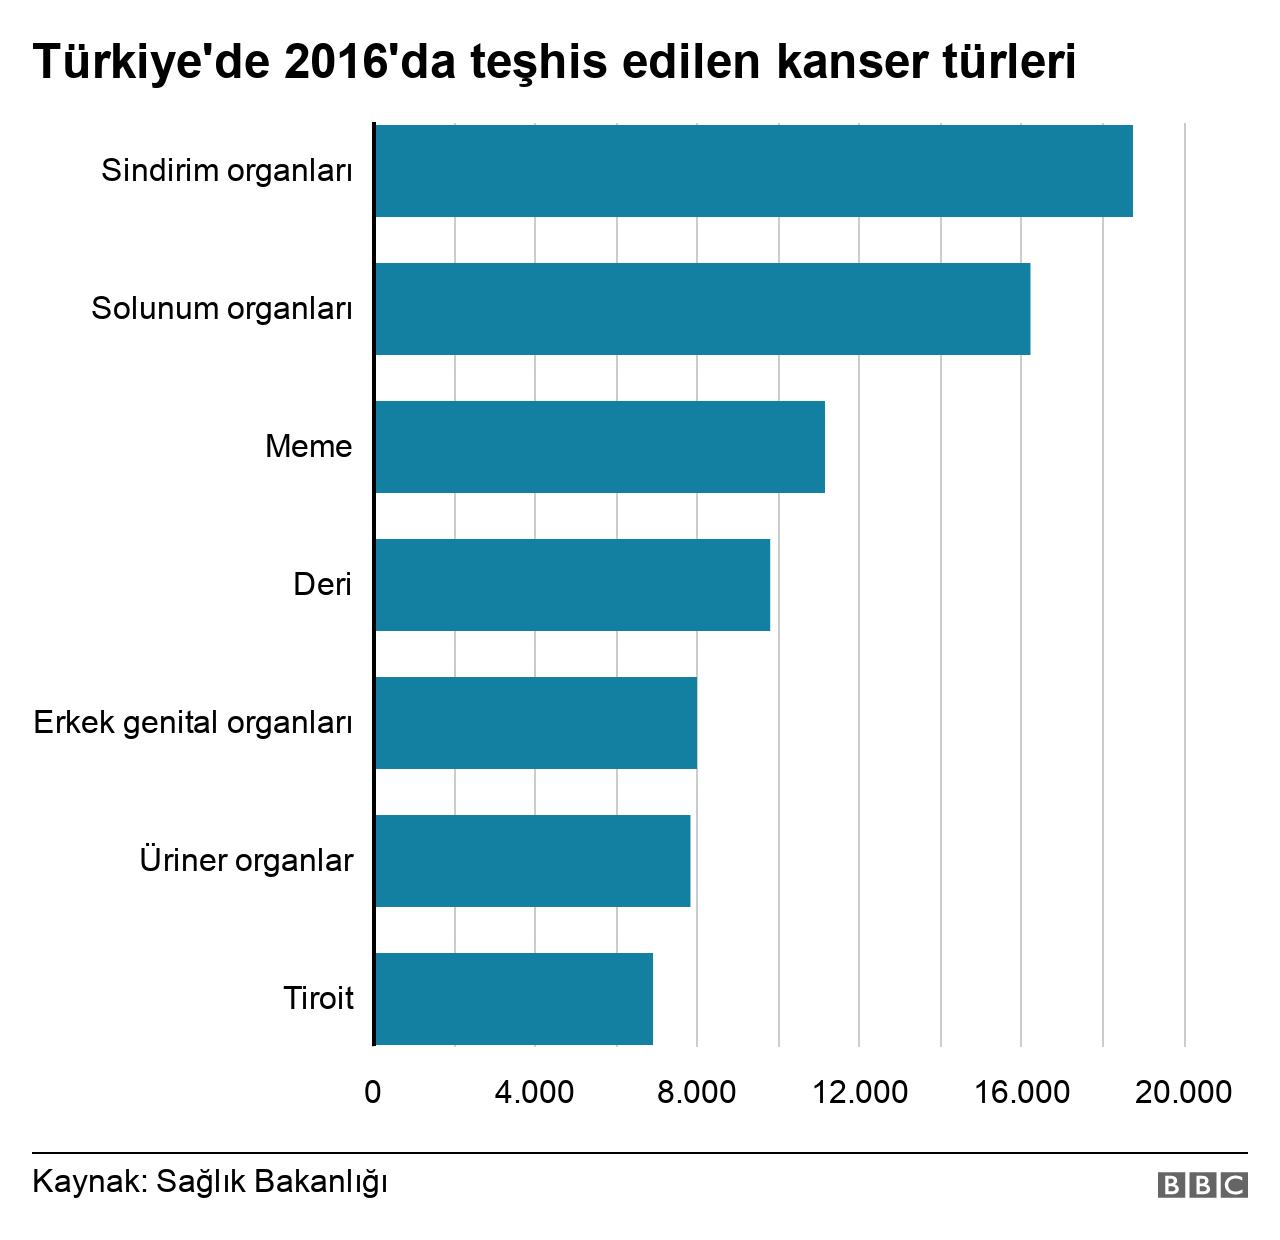 Türkiye'de kanser istatistikleri